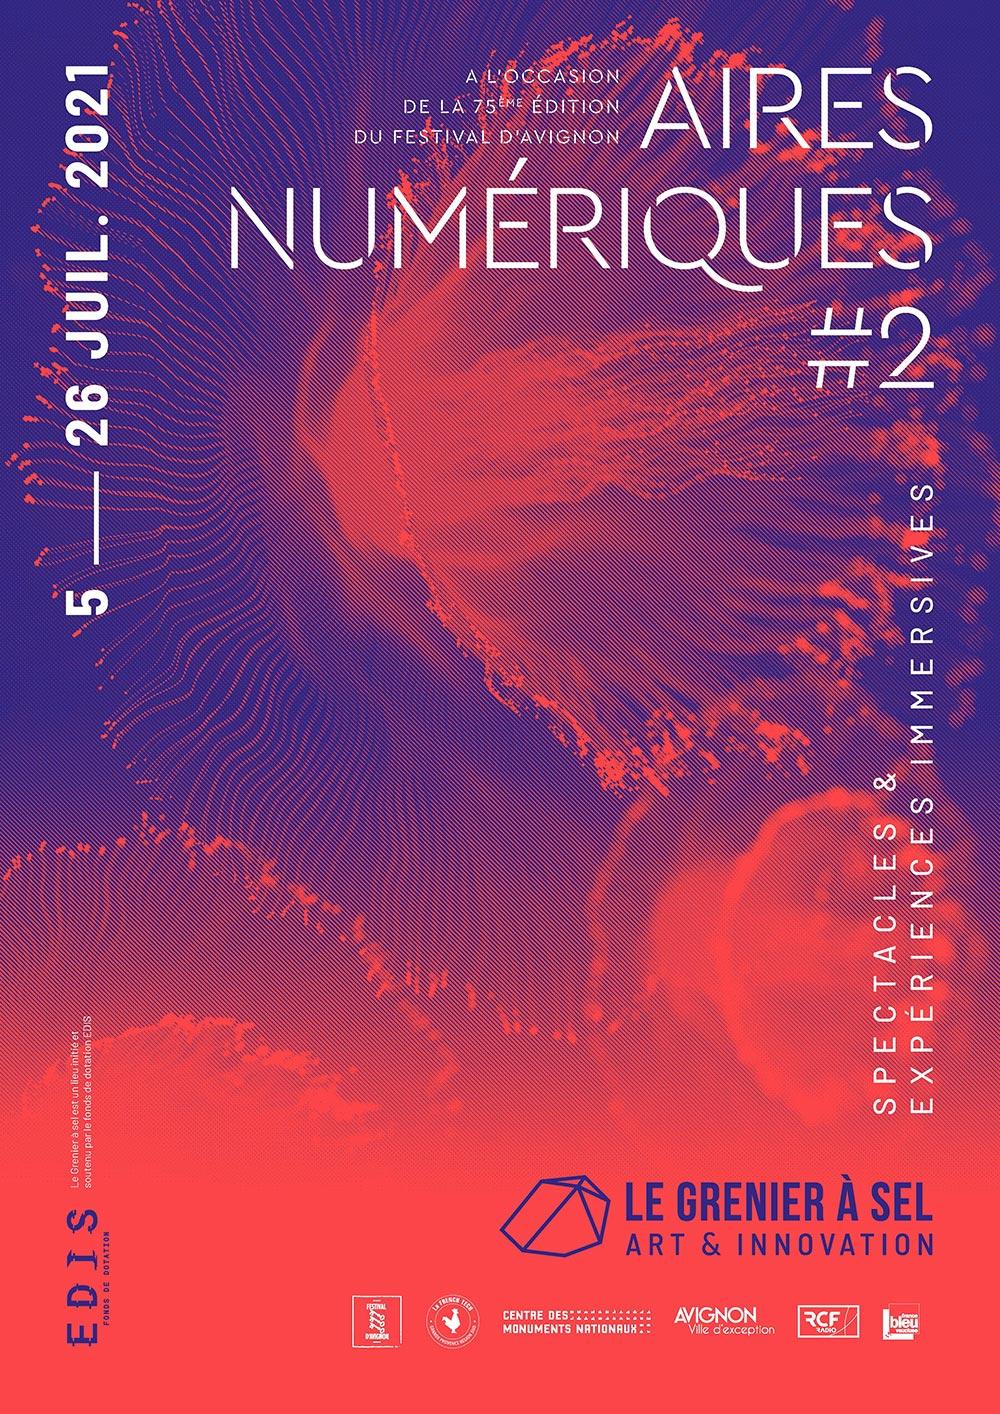 AIRES-NUMERIQUES #2